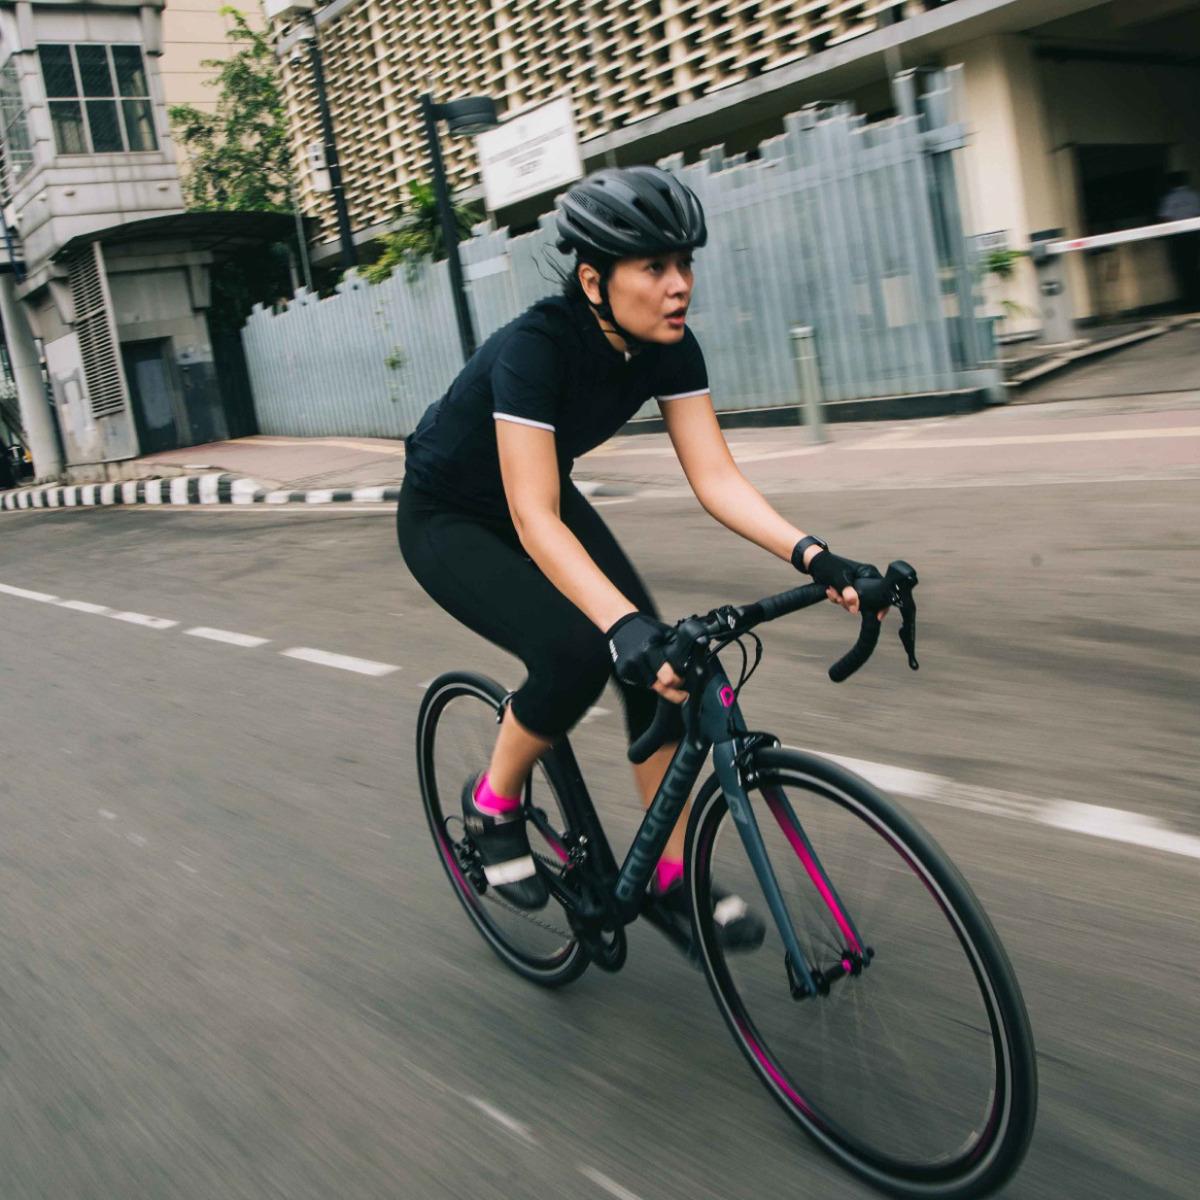 Rodalink Indonesia Toko Online Sepeda Berkualitas Bergaransi Baju Specialized Jersey Polygon Divine Road Bike Untuk Kaum Wanita